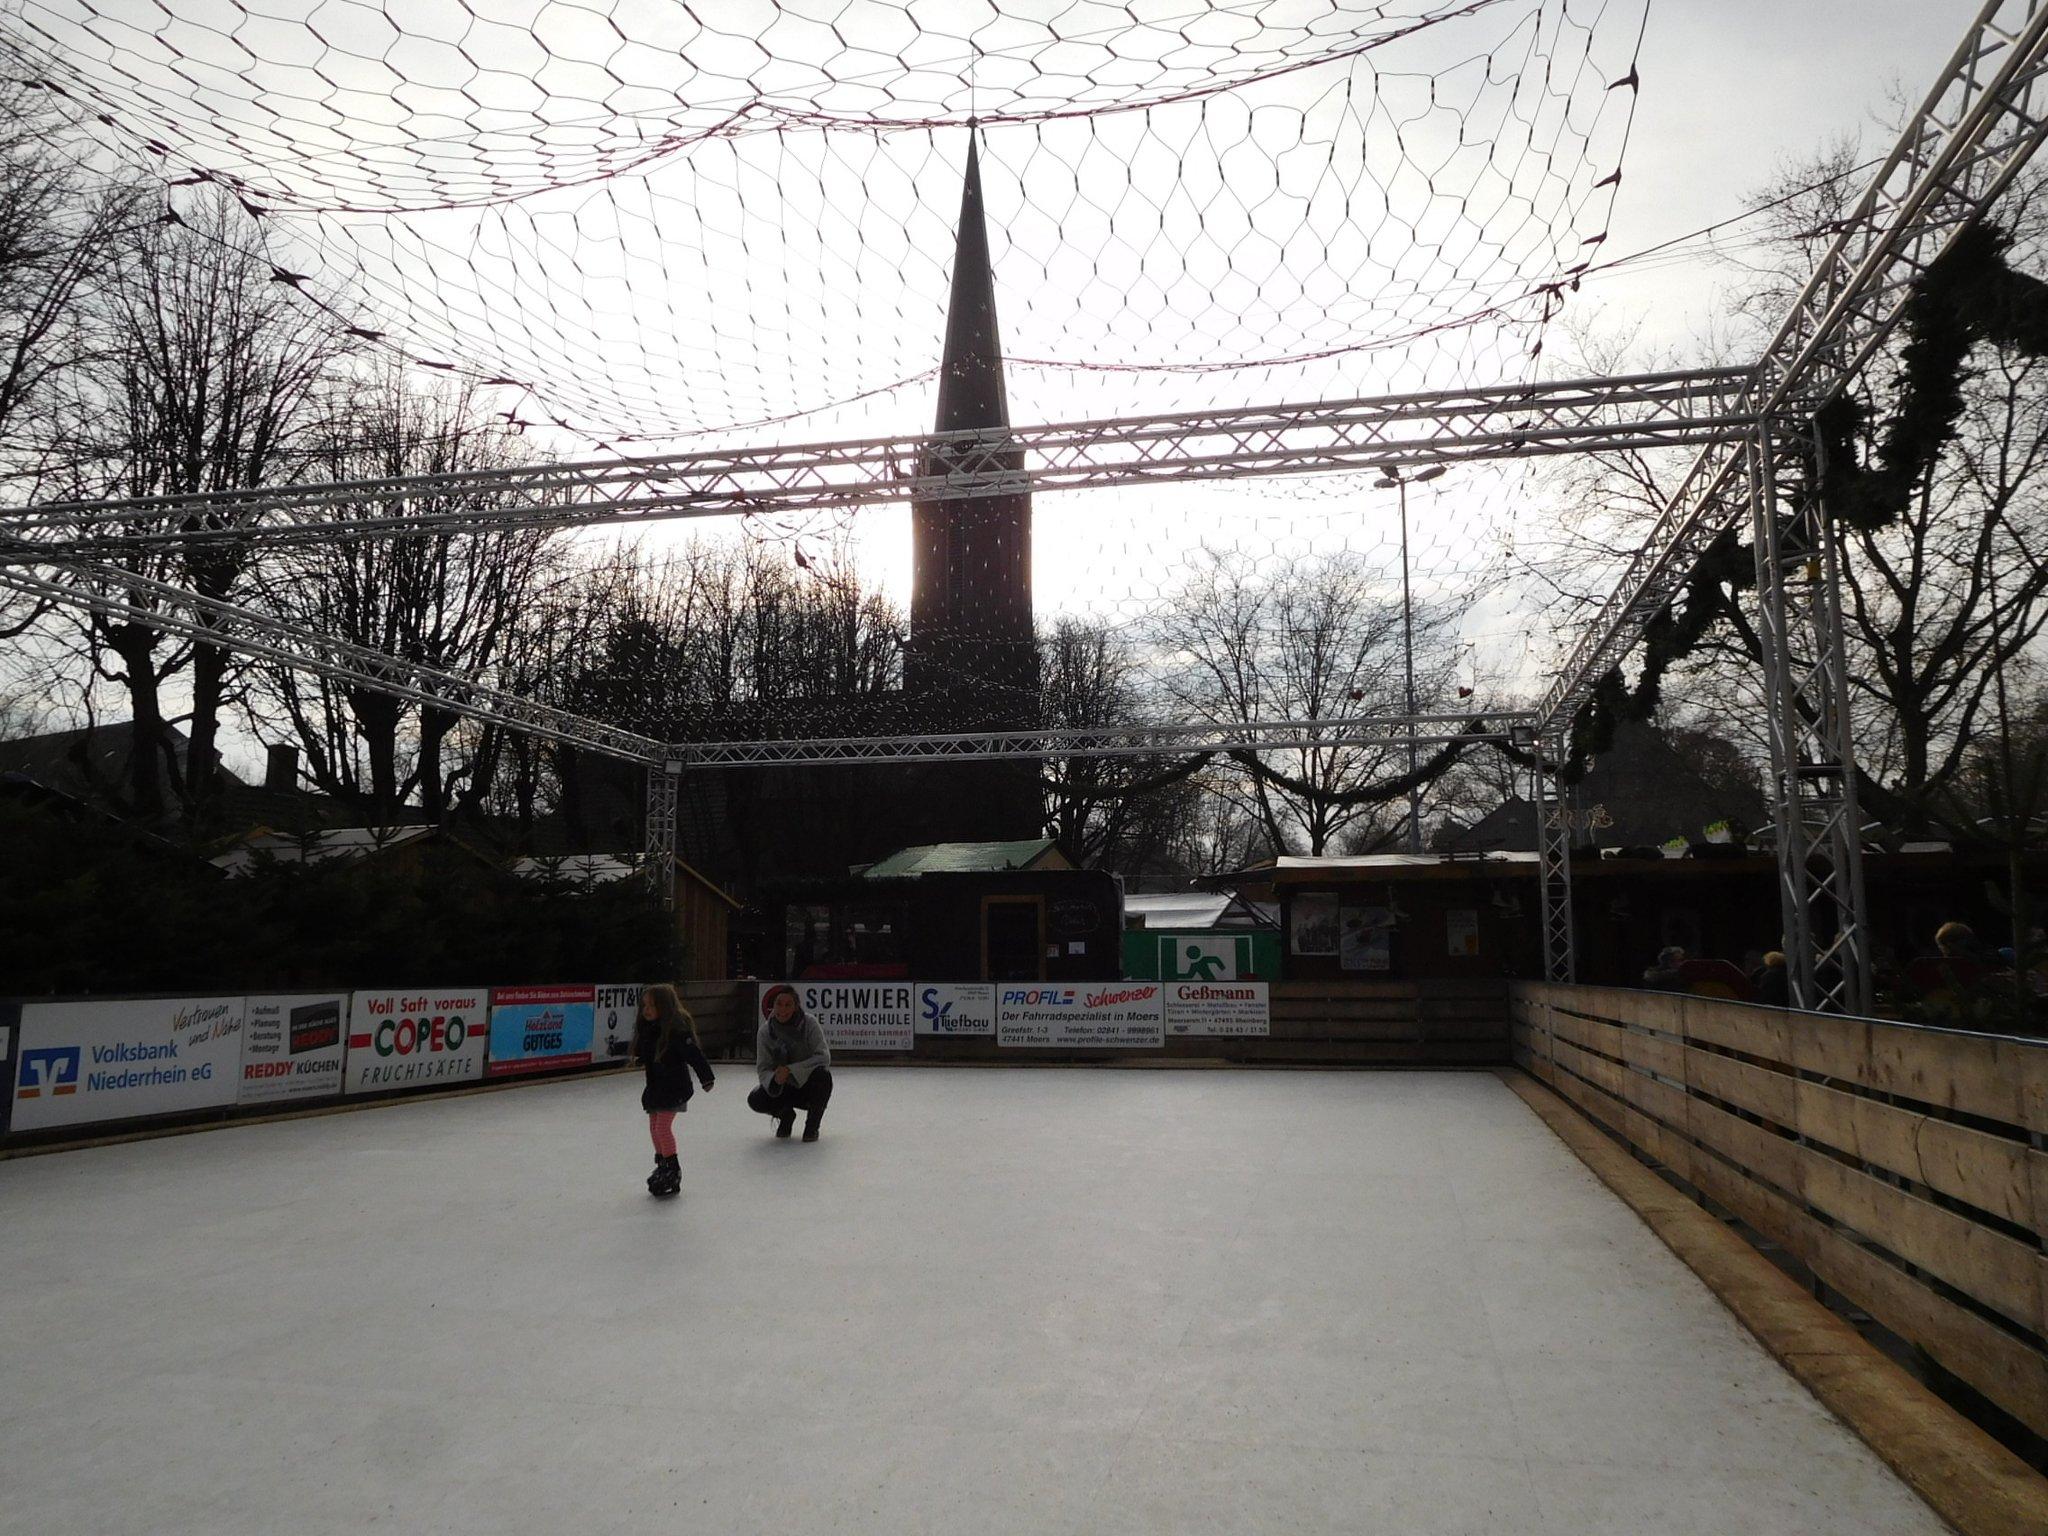 Der Weihnachtsmarkt Moers Kamp Lintfort